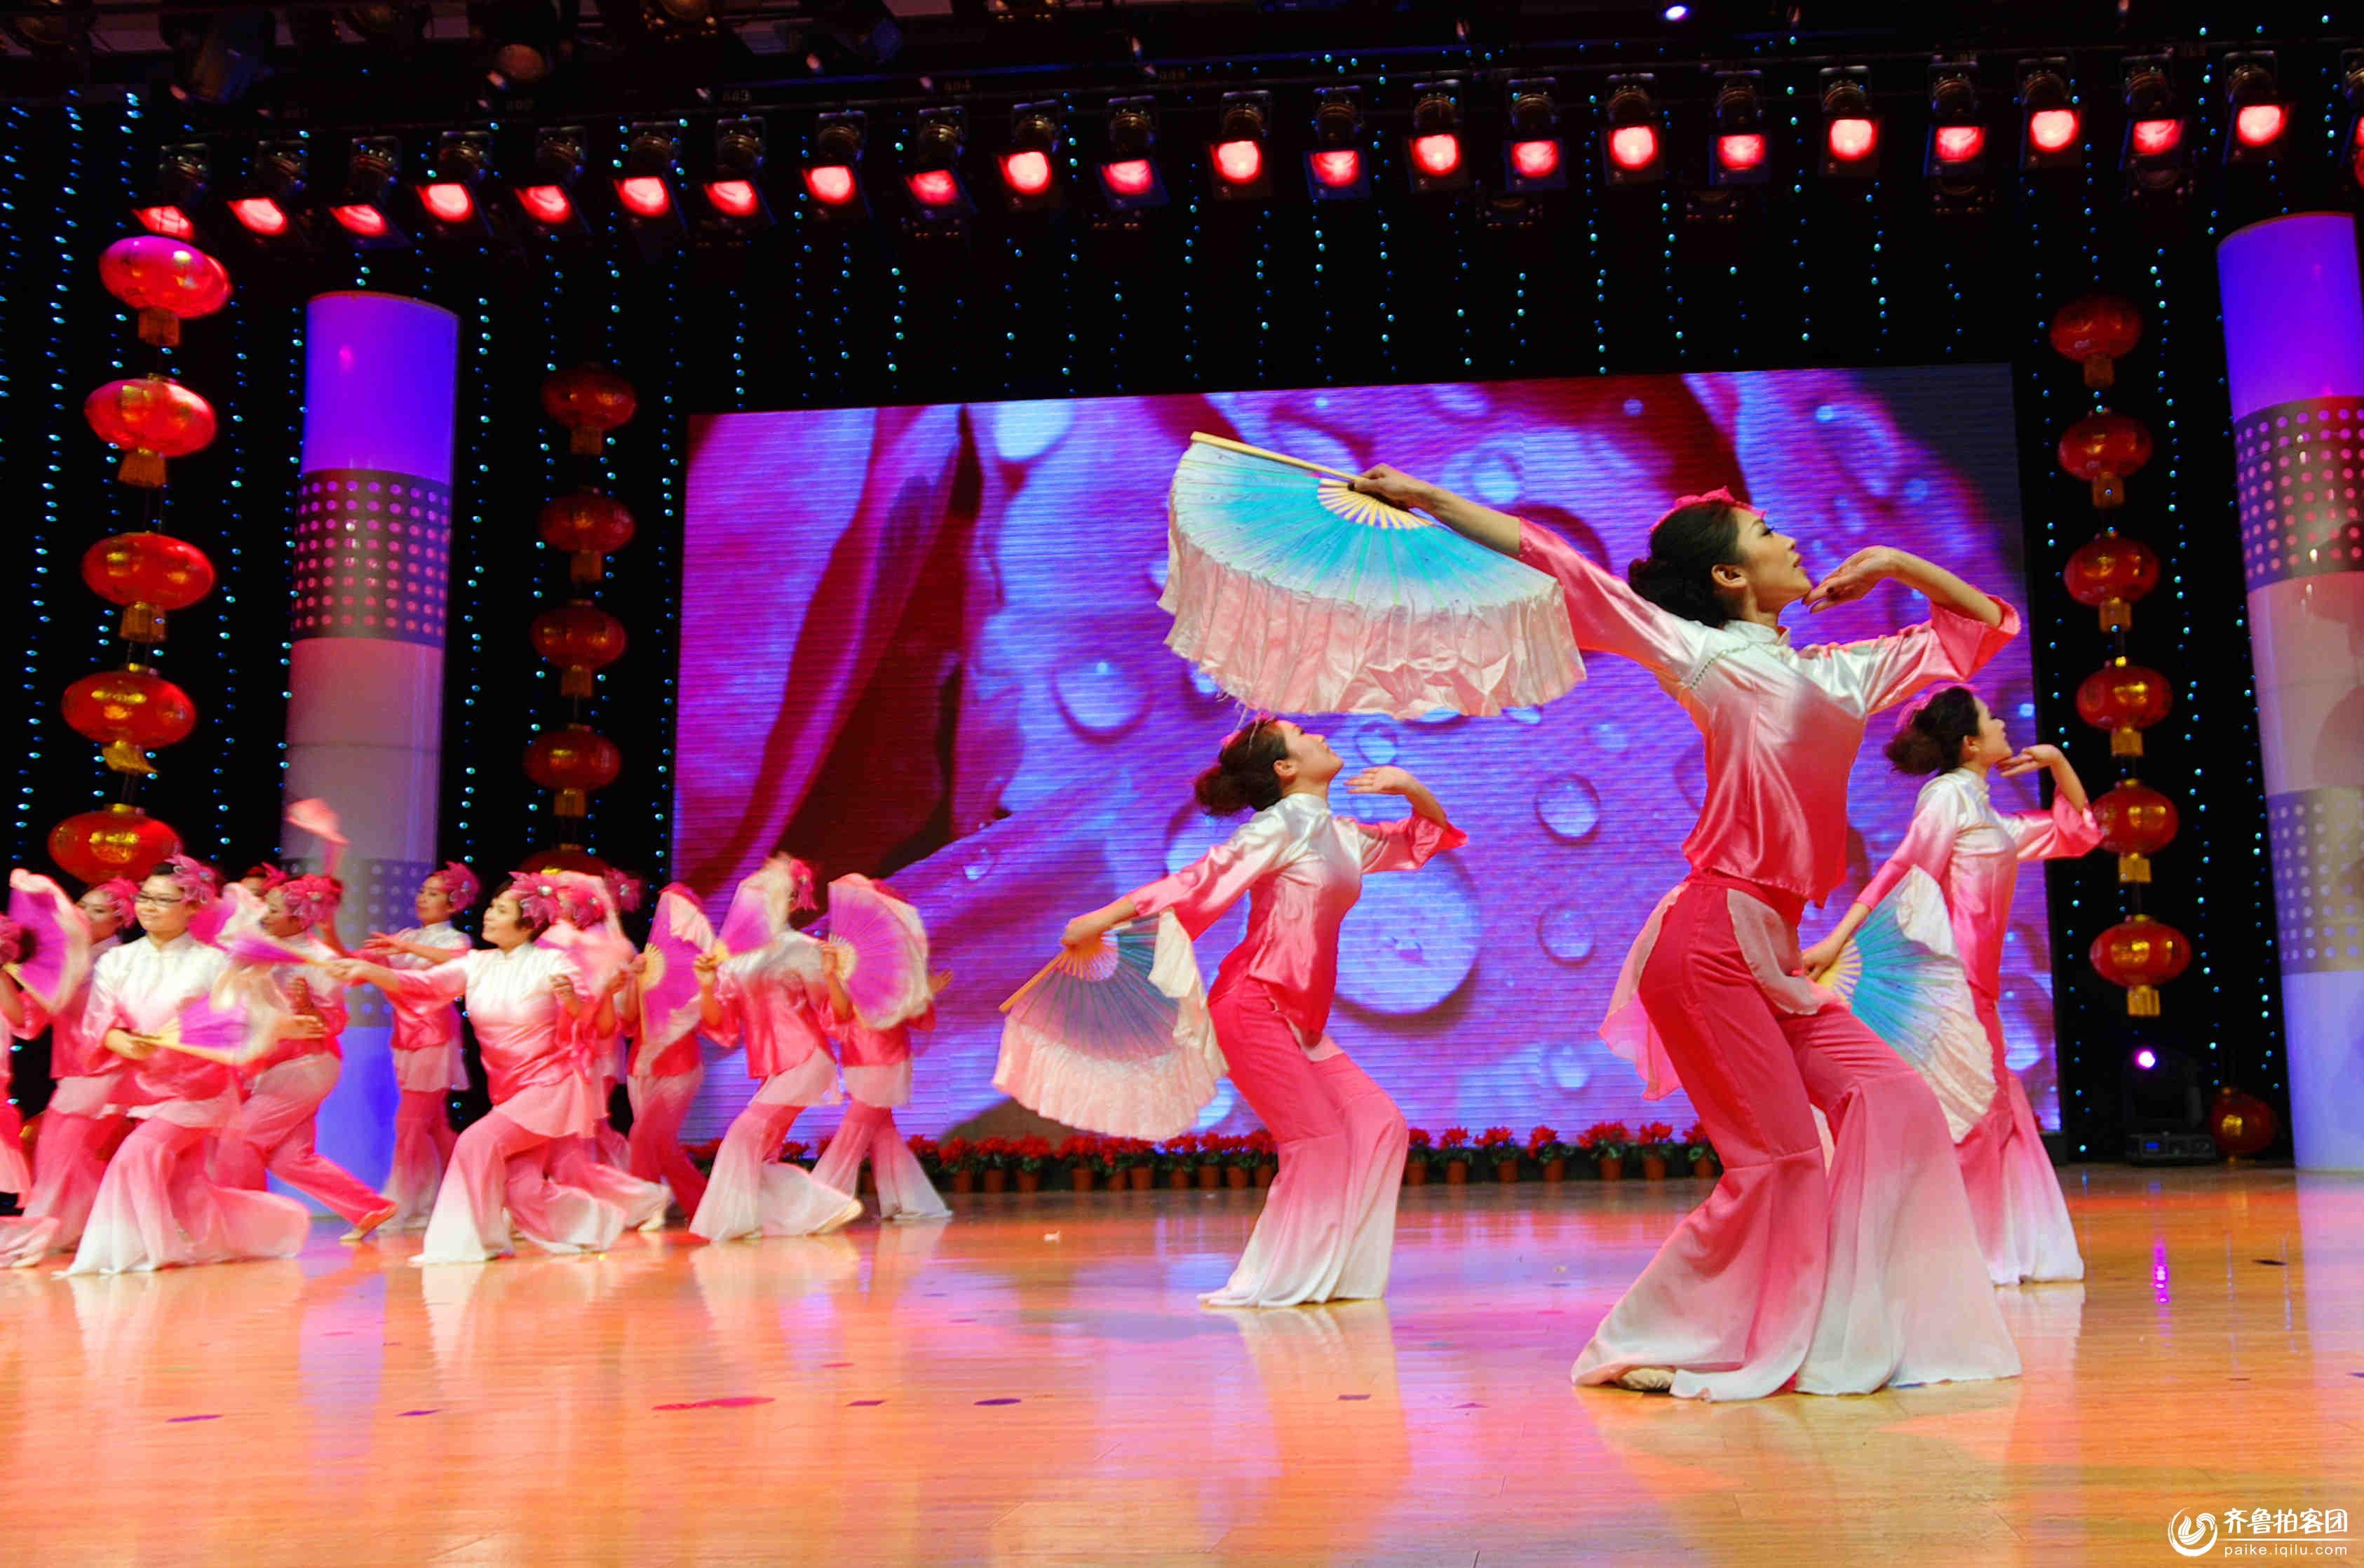 邹城市汝佳幼儿园2014年元旦文艺晚会隆重举行.